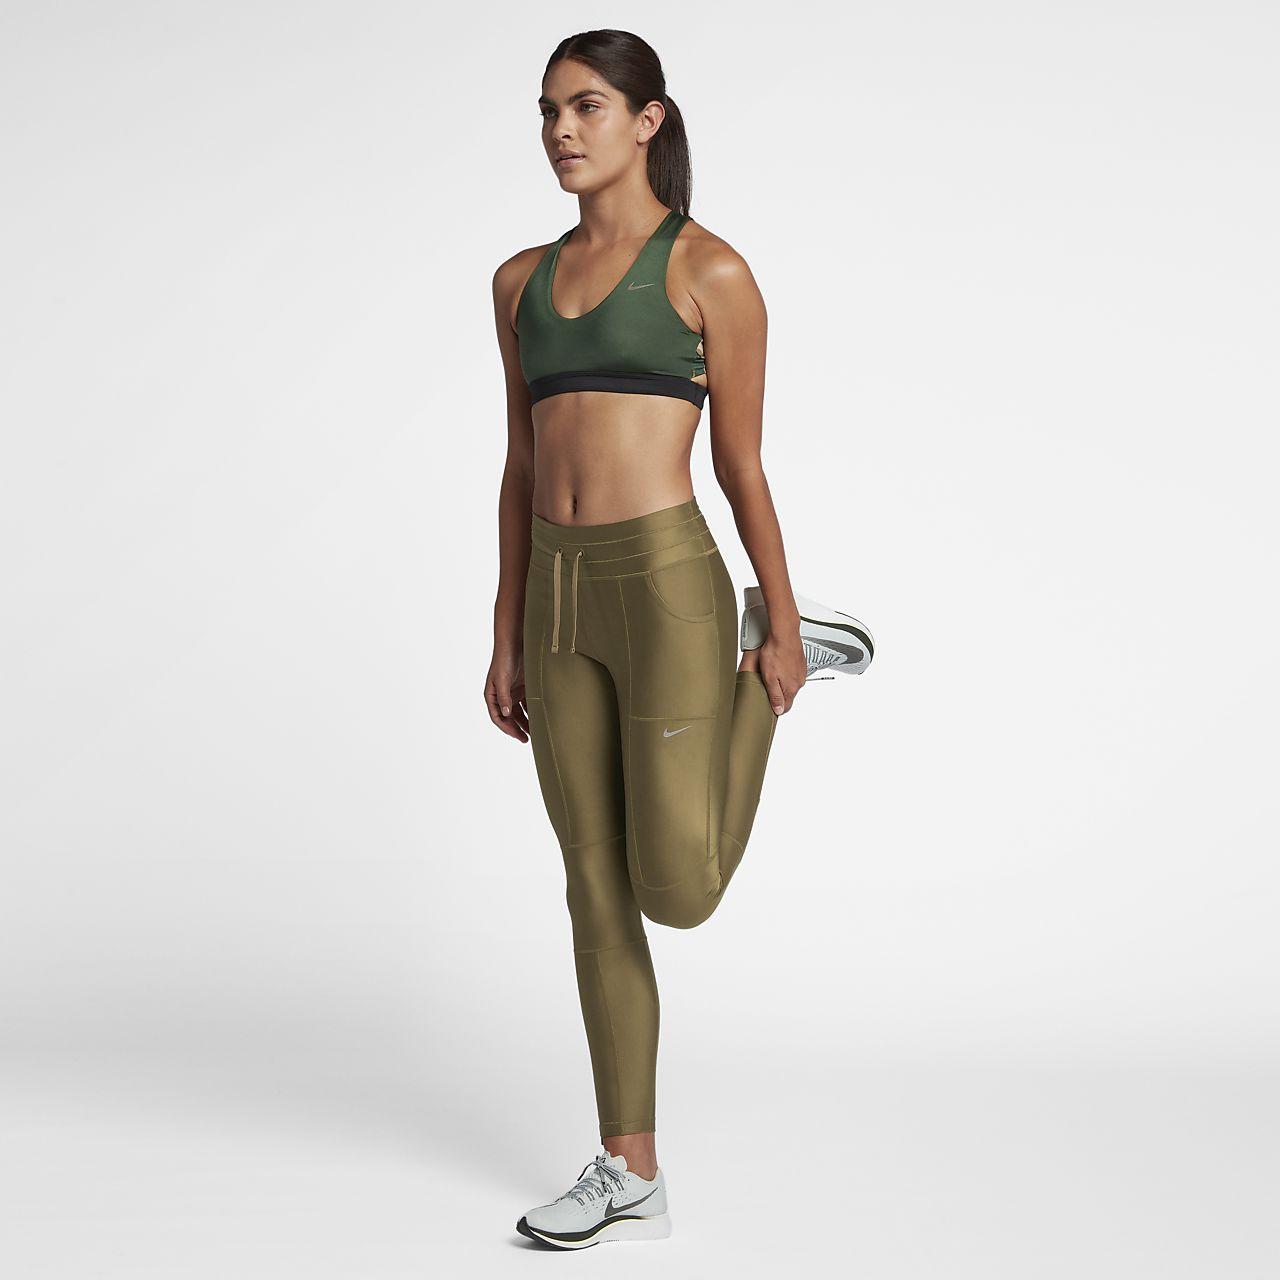 282bbf1623409 Low Resolution Nike Women's Utility Training Tights Nike Women's Utility  Training Tights